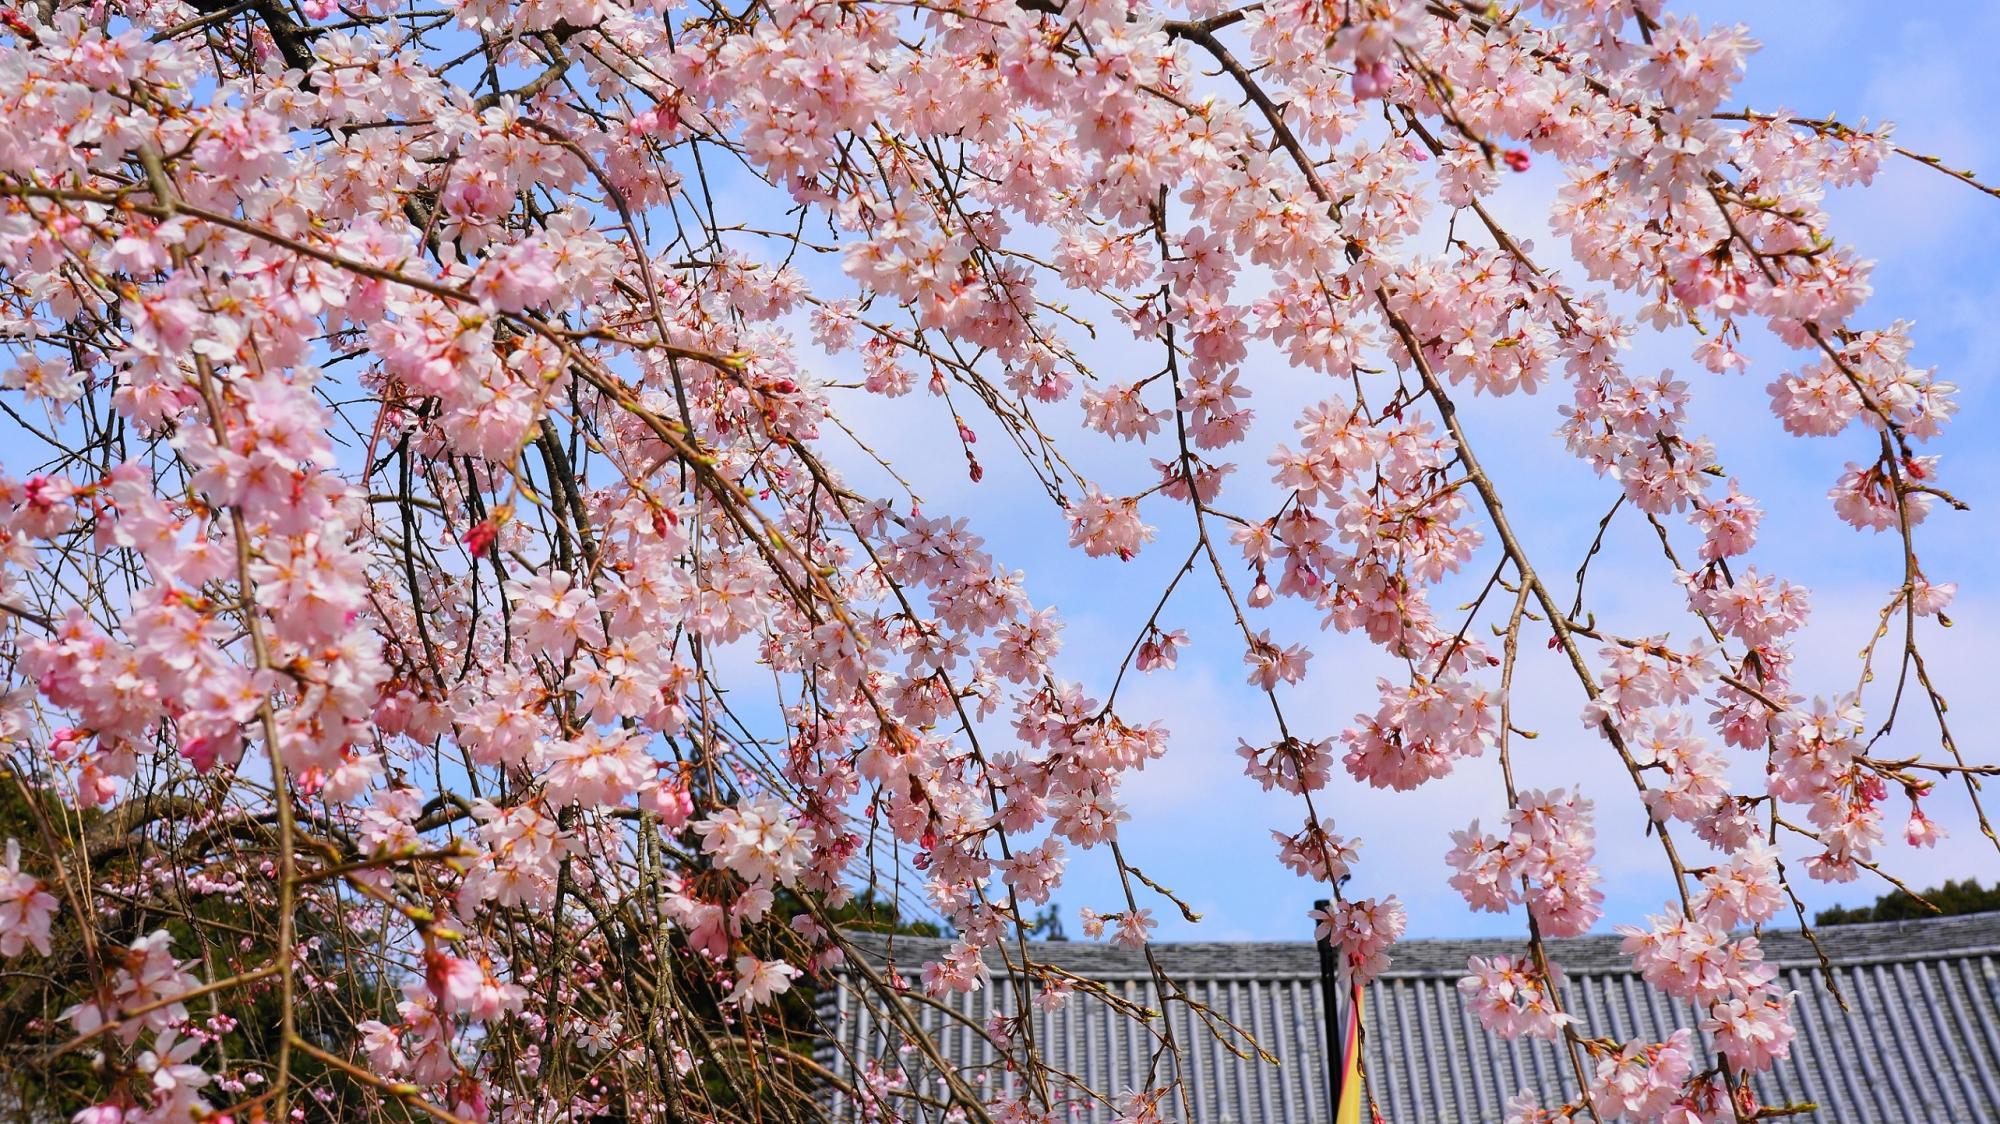 桜の名所の世界文化遺産の醍醐寺の金堂と優雅な桜